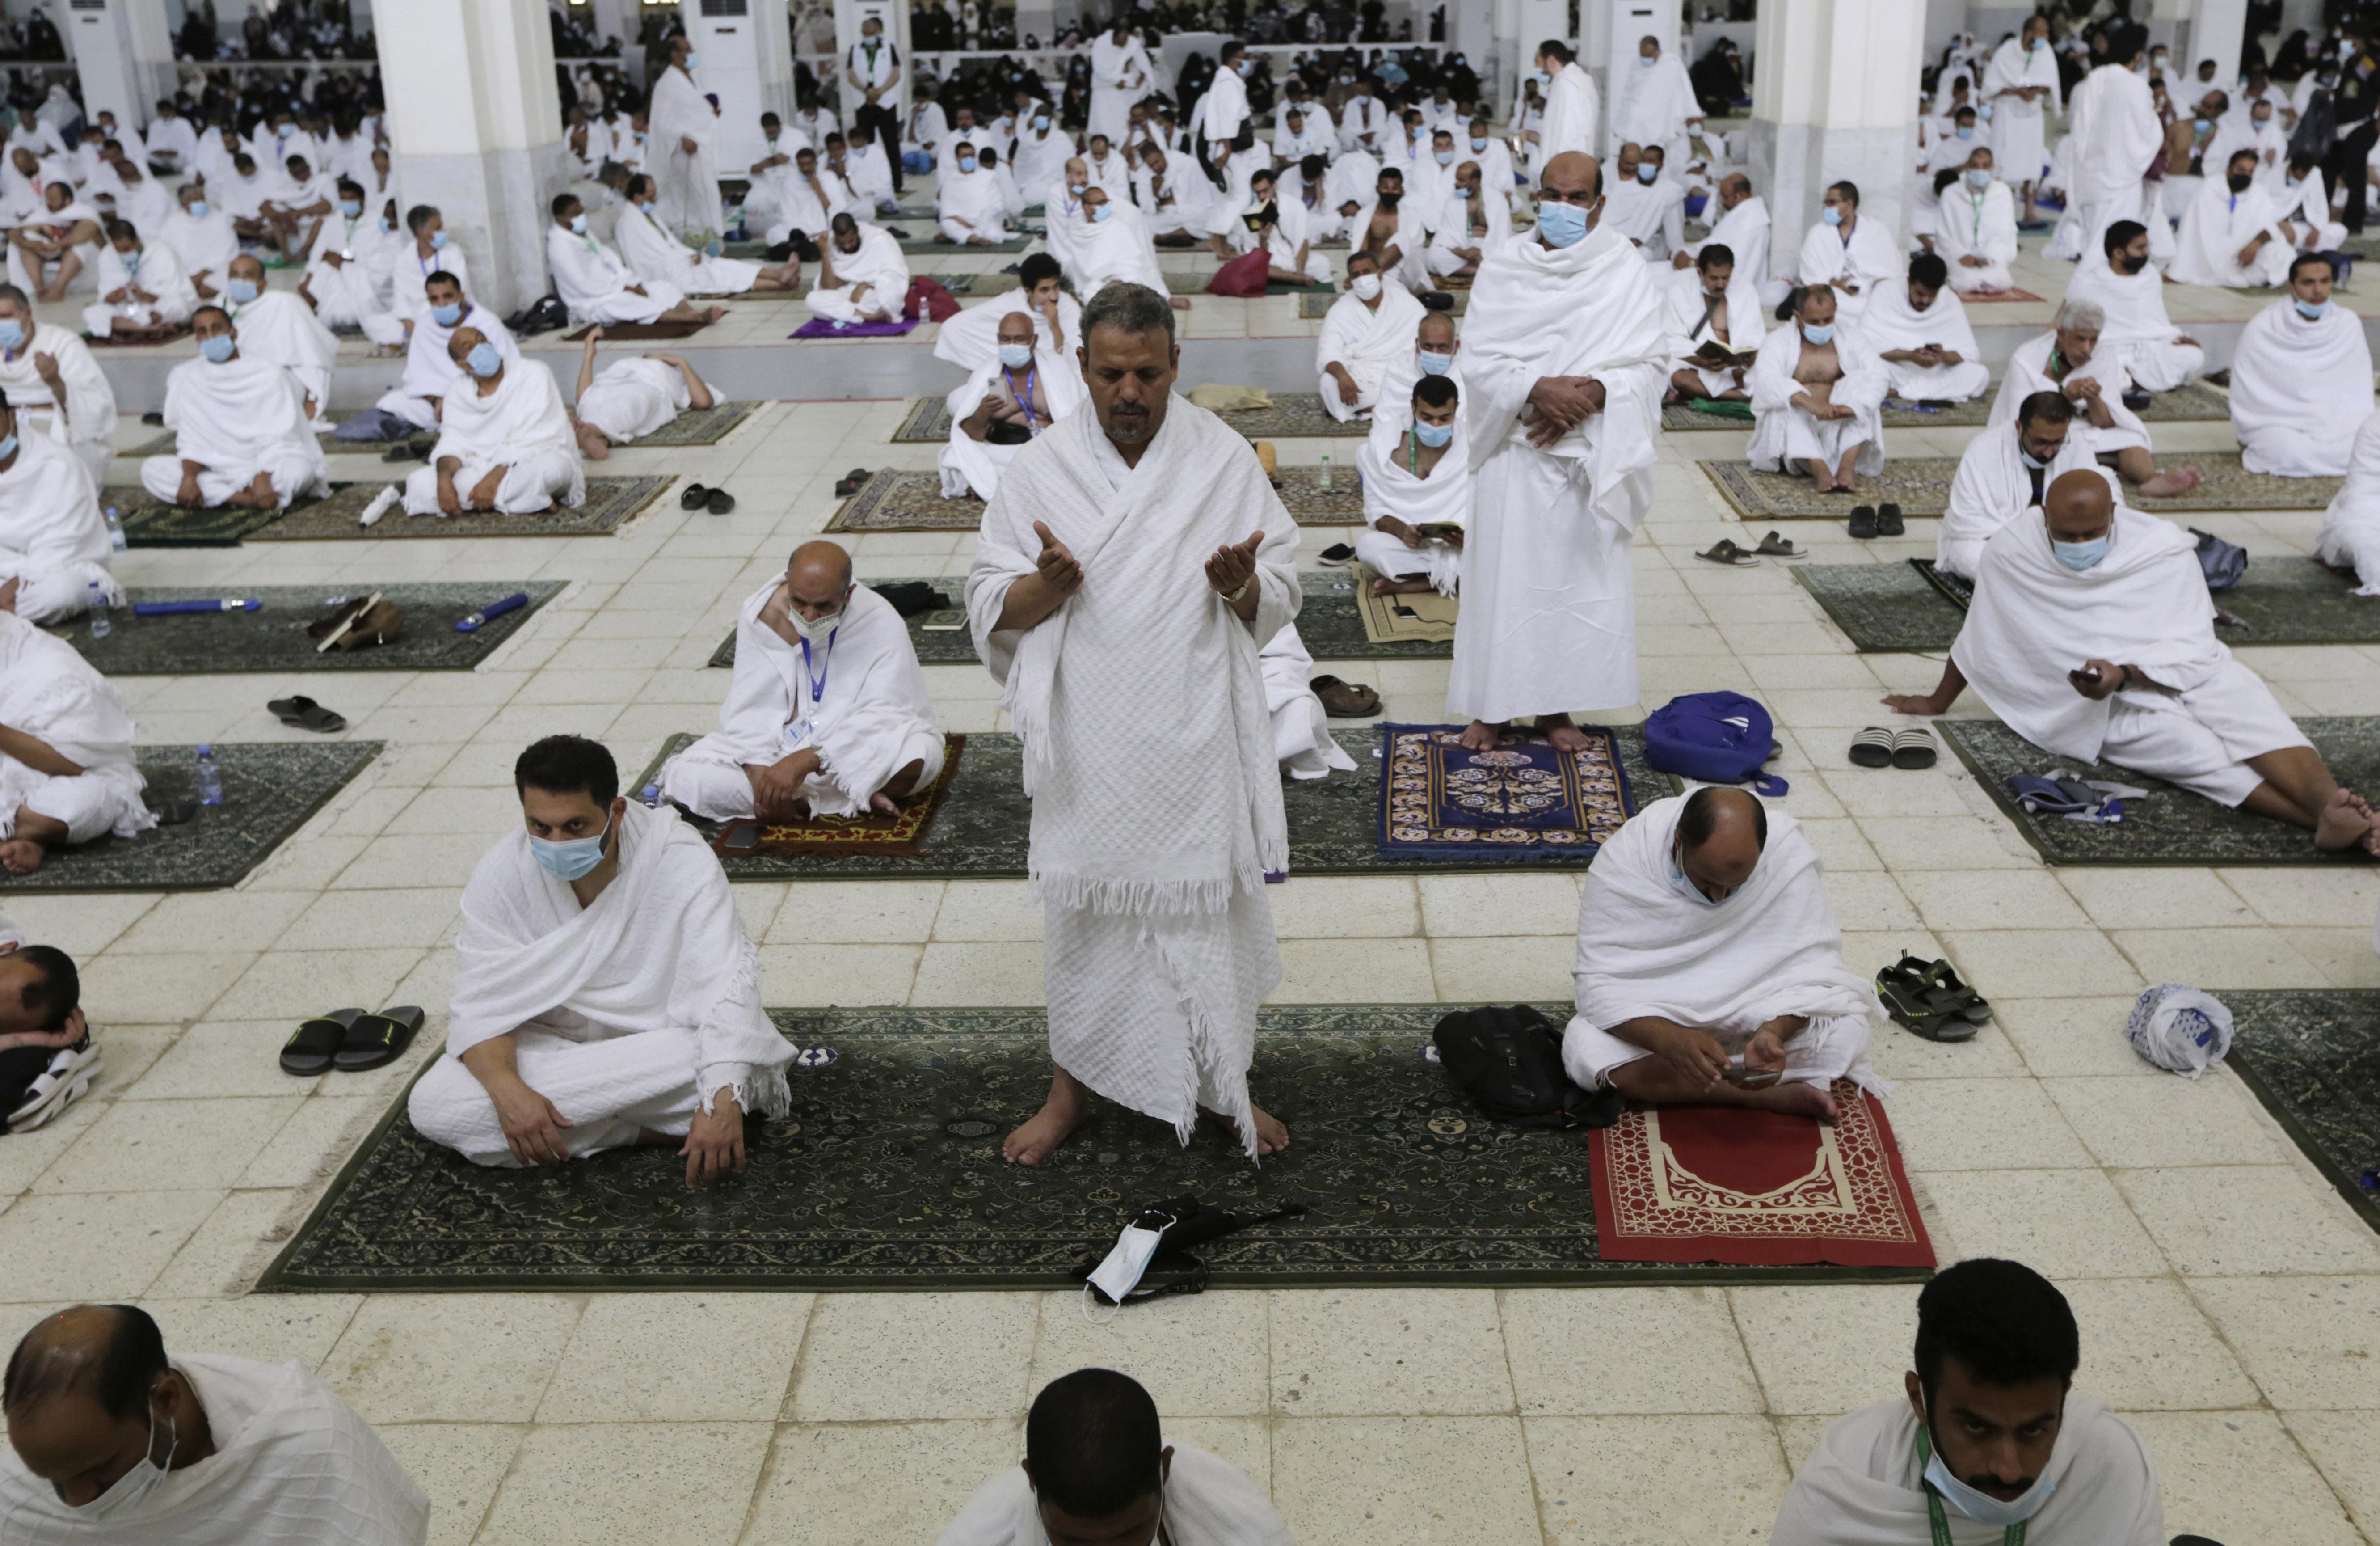 अराफत की नमीरा मस्जिद में सोशल डिस्टेंसिंग का पालन करते हुए दुआ पढ़ते लोग।